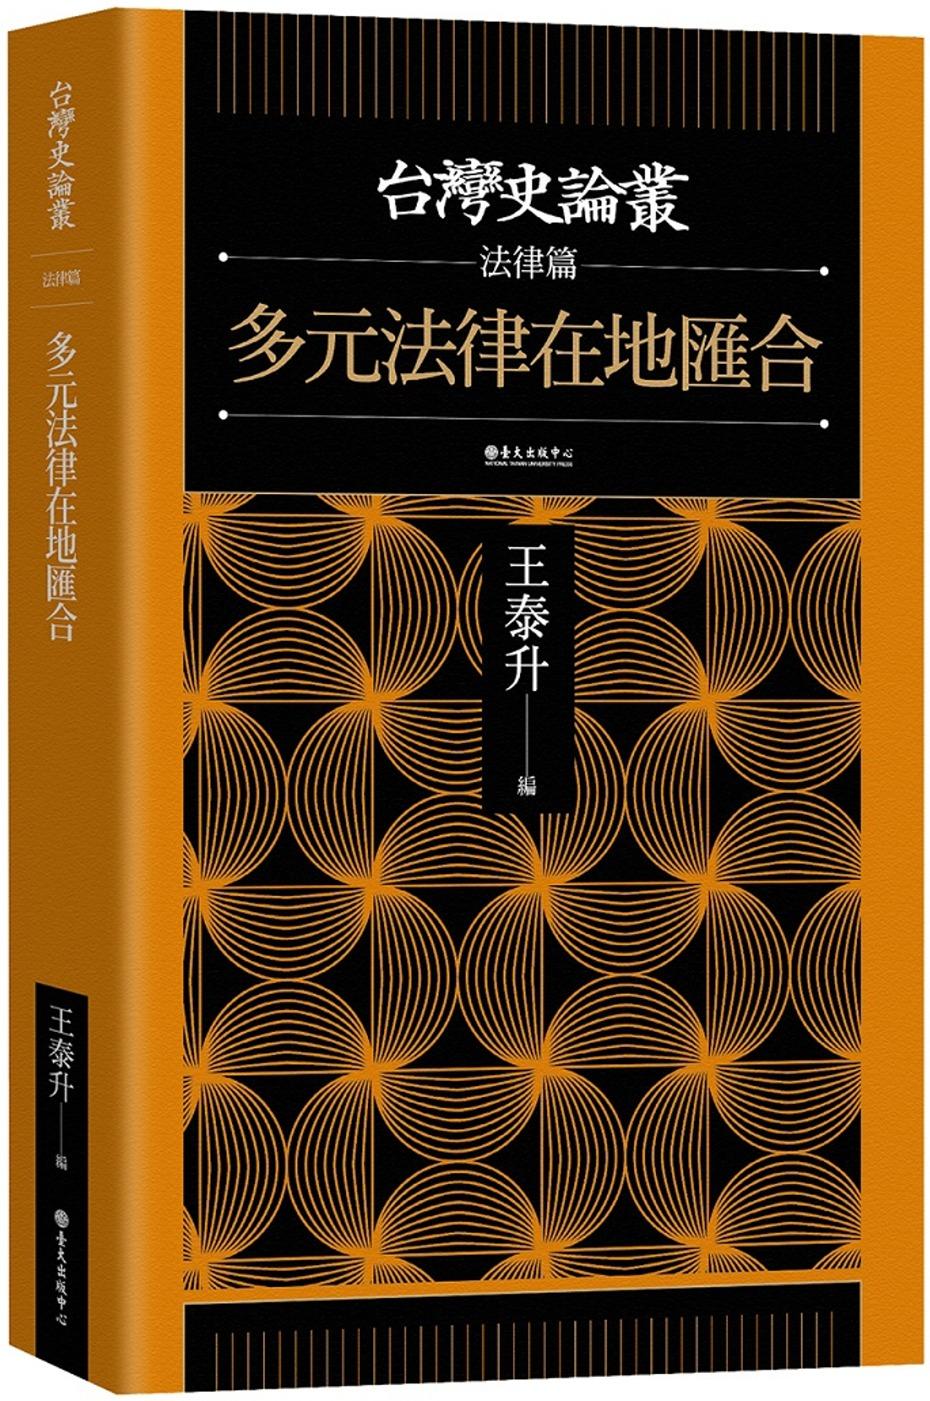 多元法律在地匯合【台灣史論叢 法律篇】